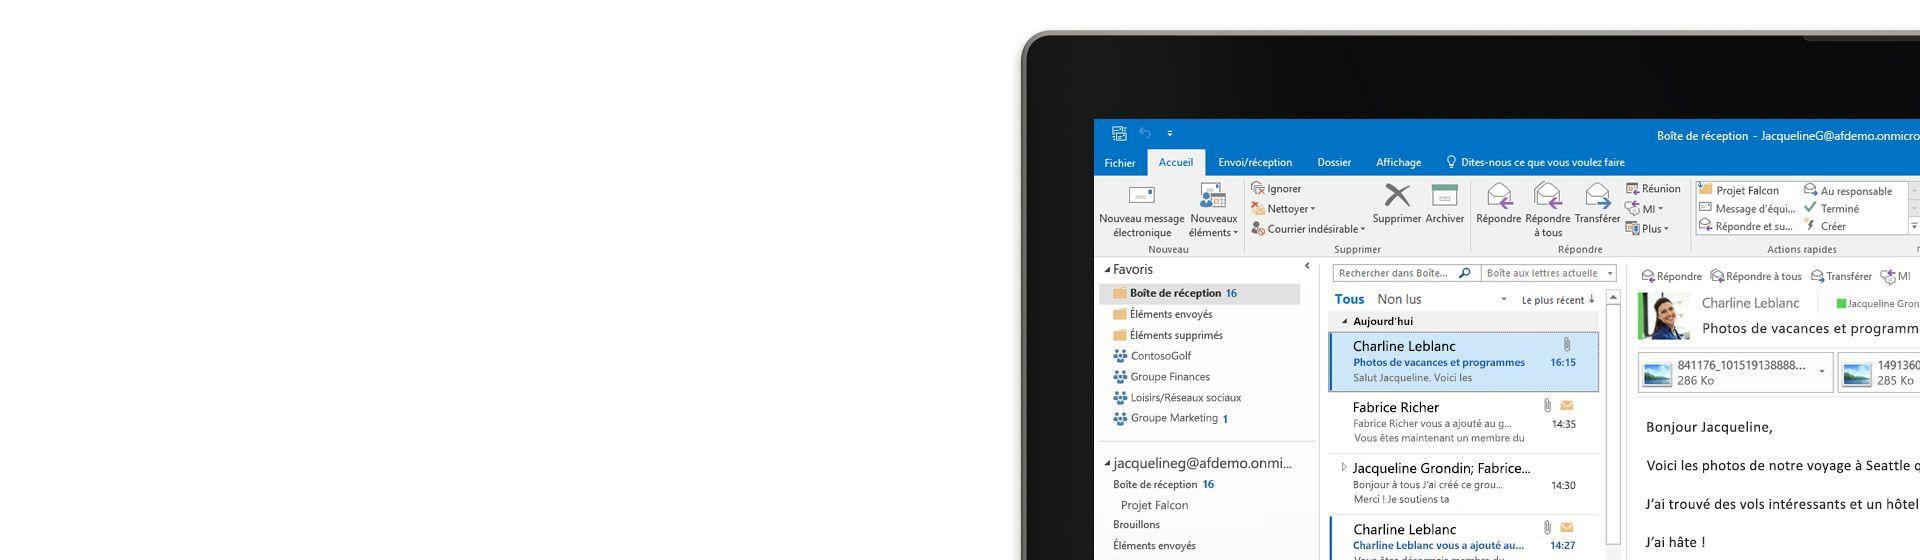 Angle d'un écran d'ordinateur affichant une boîte de réception dans Outlook